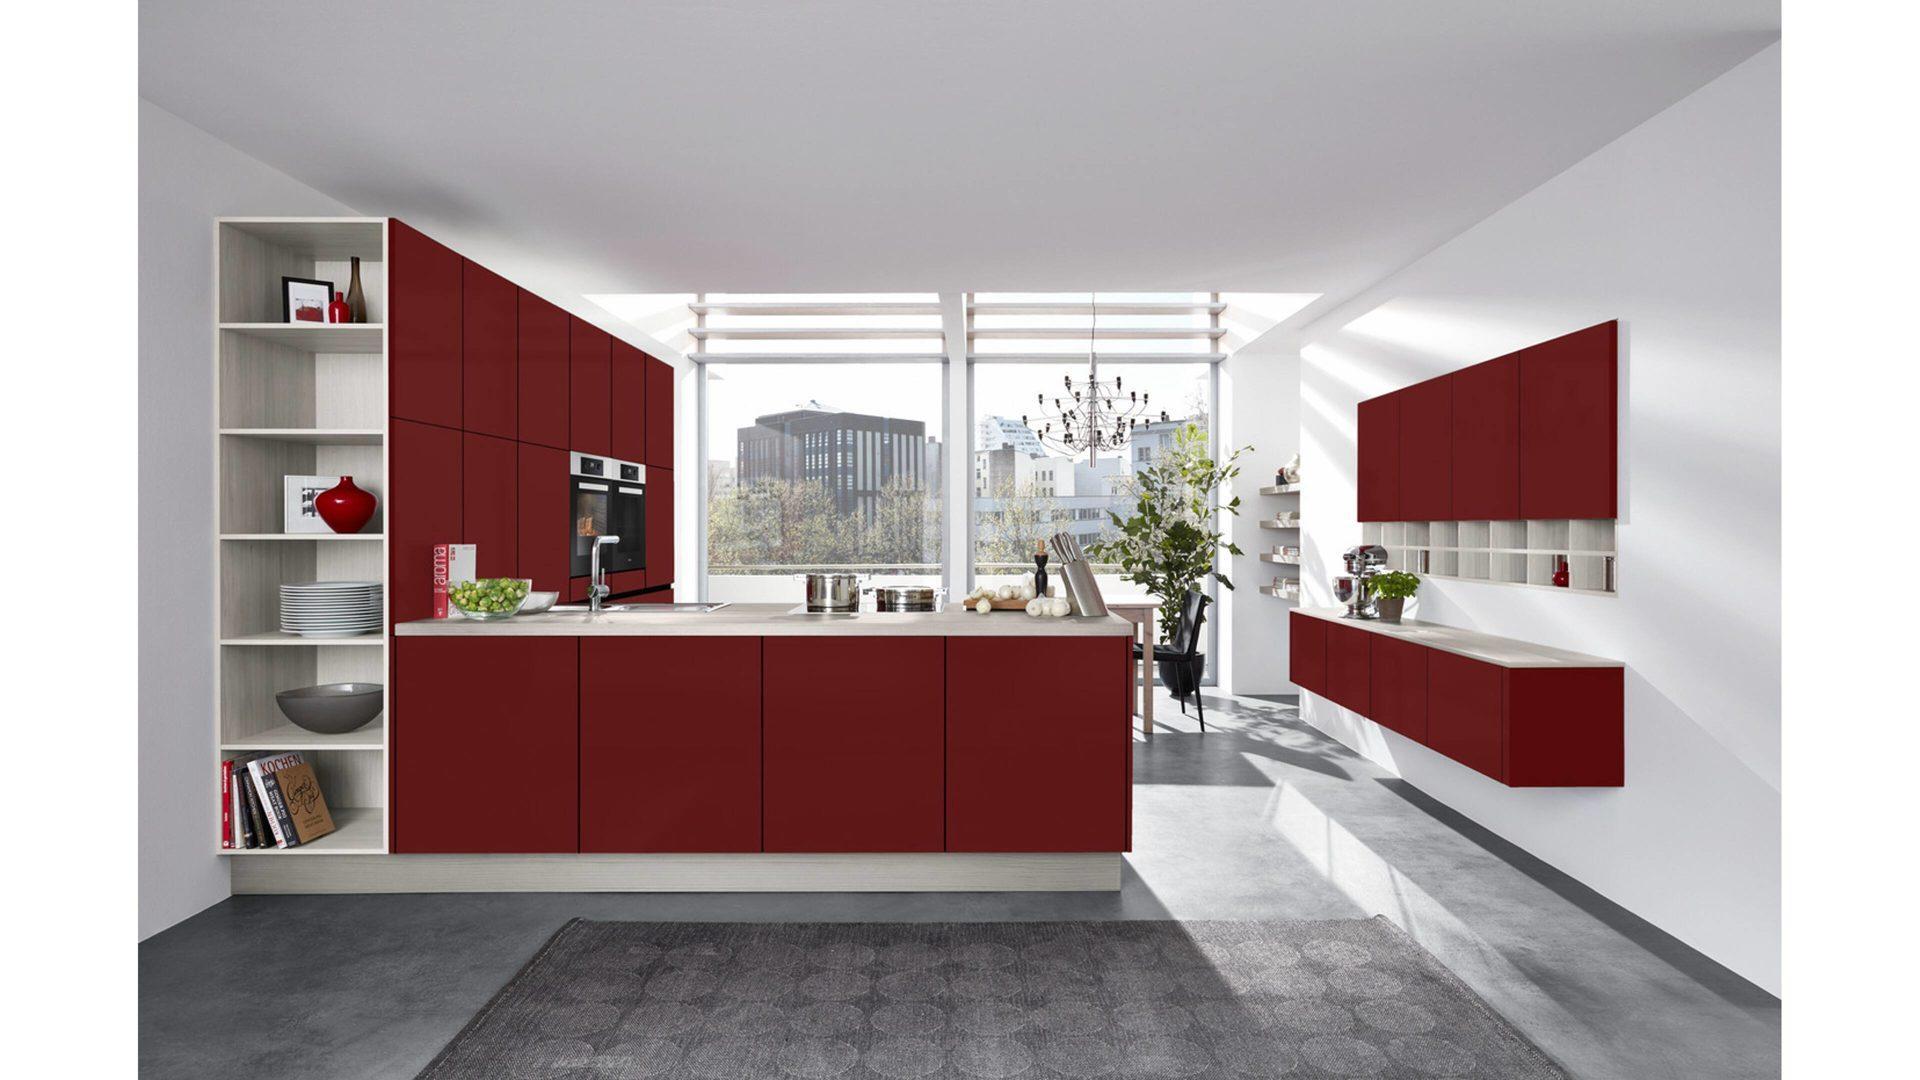 Fantastisch Kirschrote Farbe Farbe Küchenschränke Fotos - Ideen Für ...